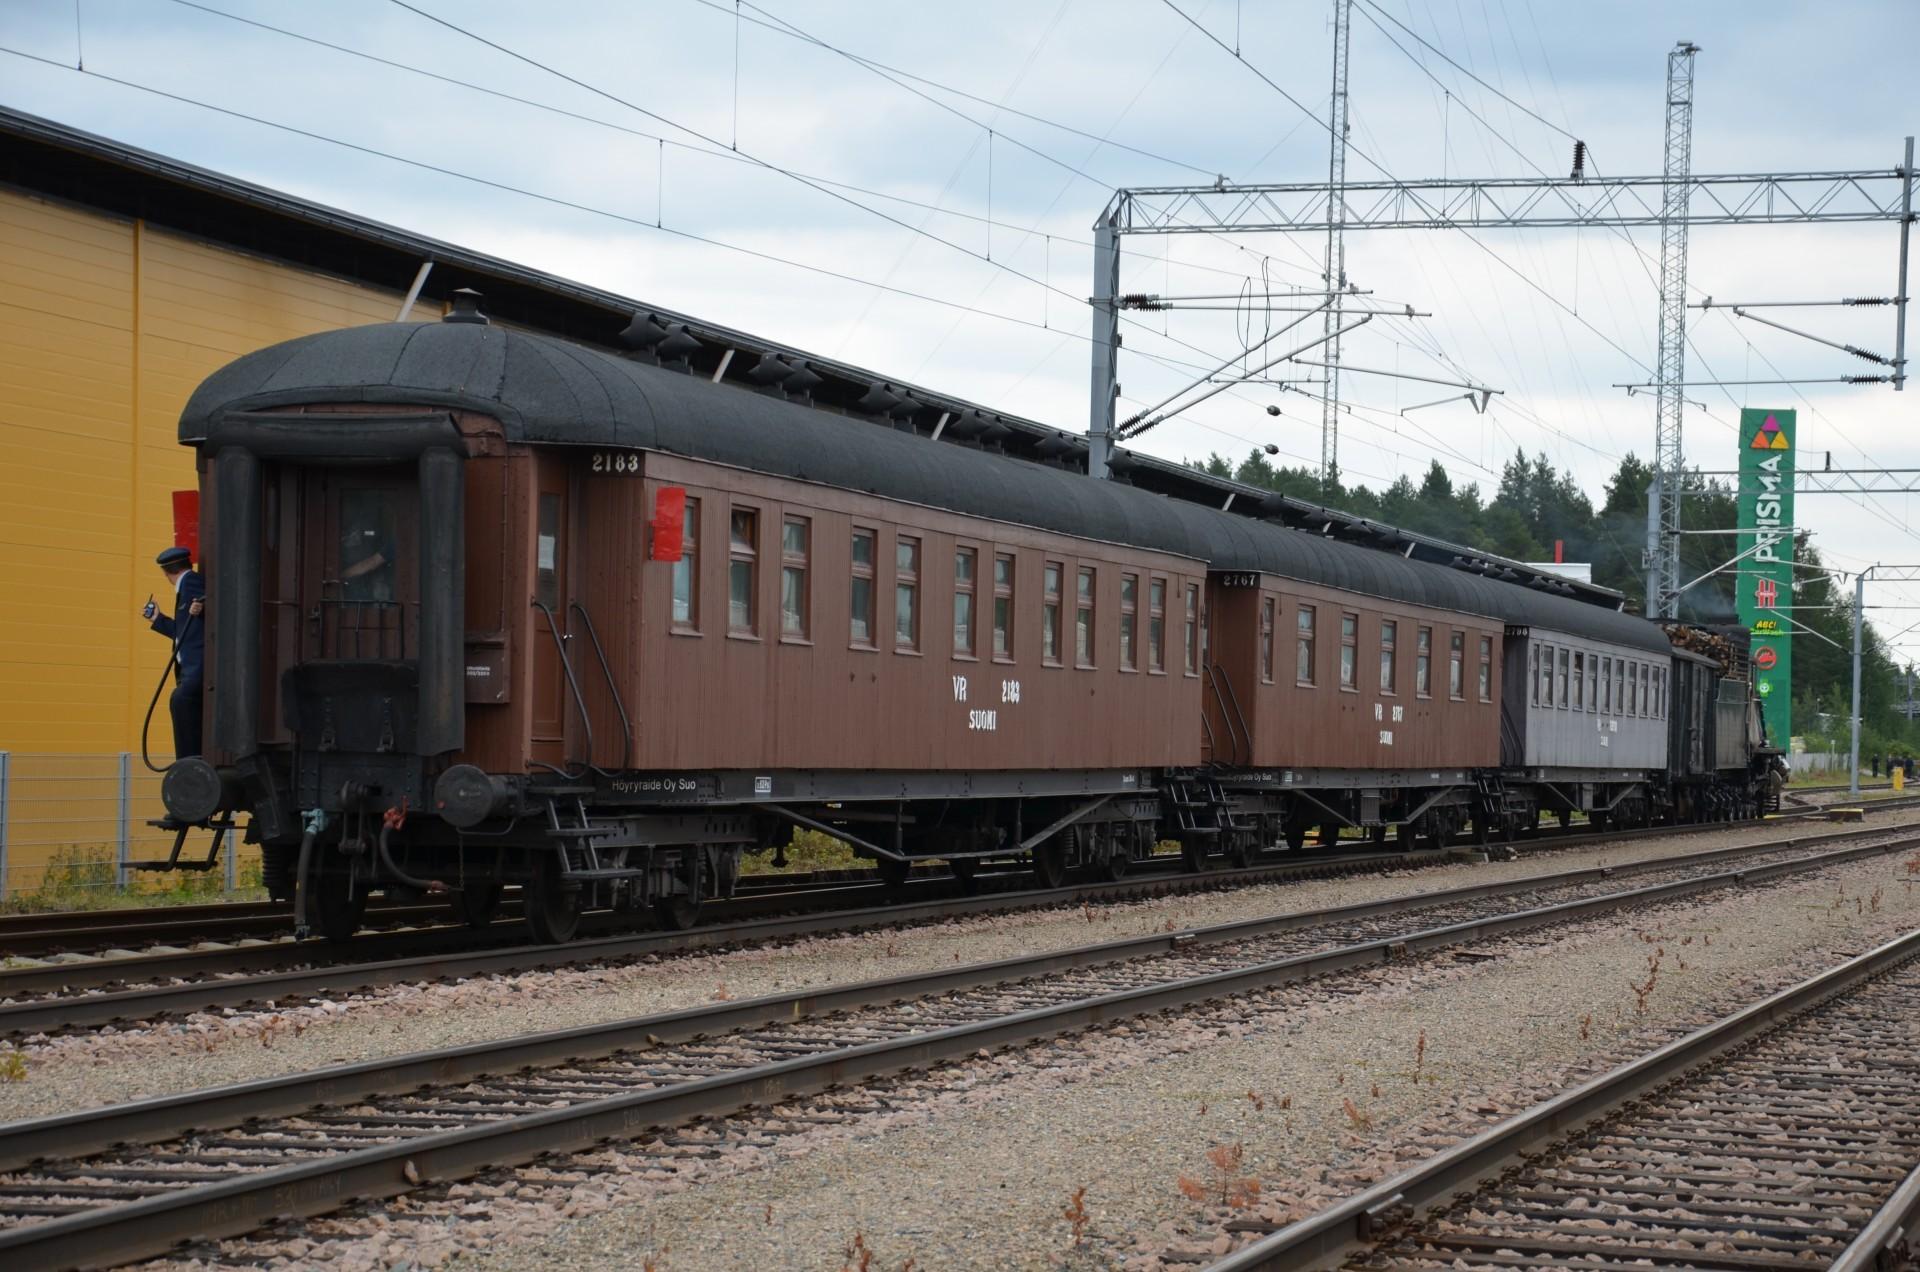 Viimein höyryjuna puuskutti vaunuineen kohti Kontiomäkeä.